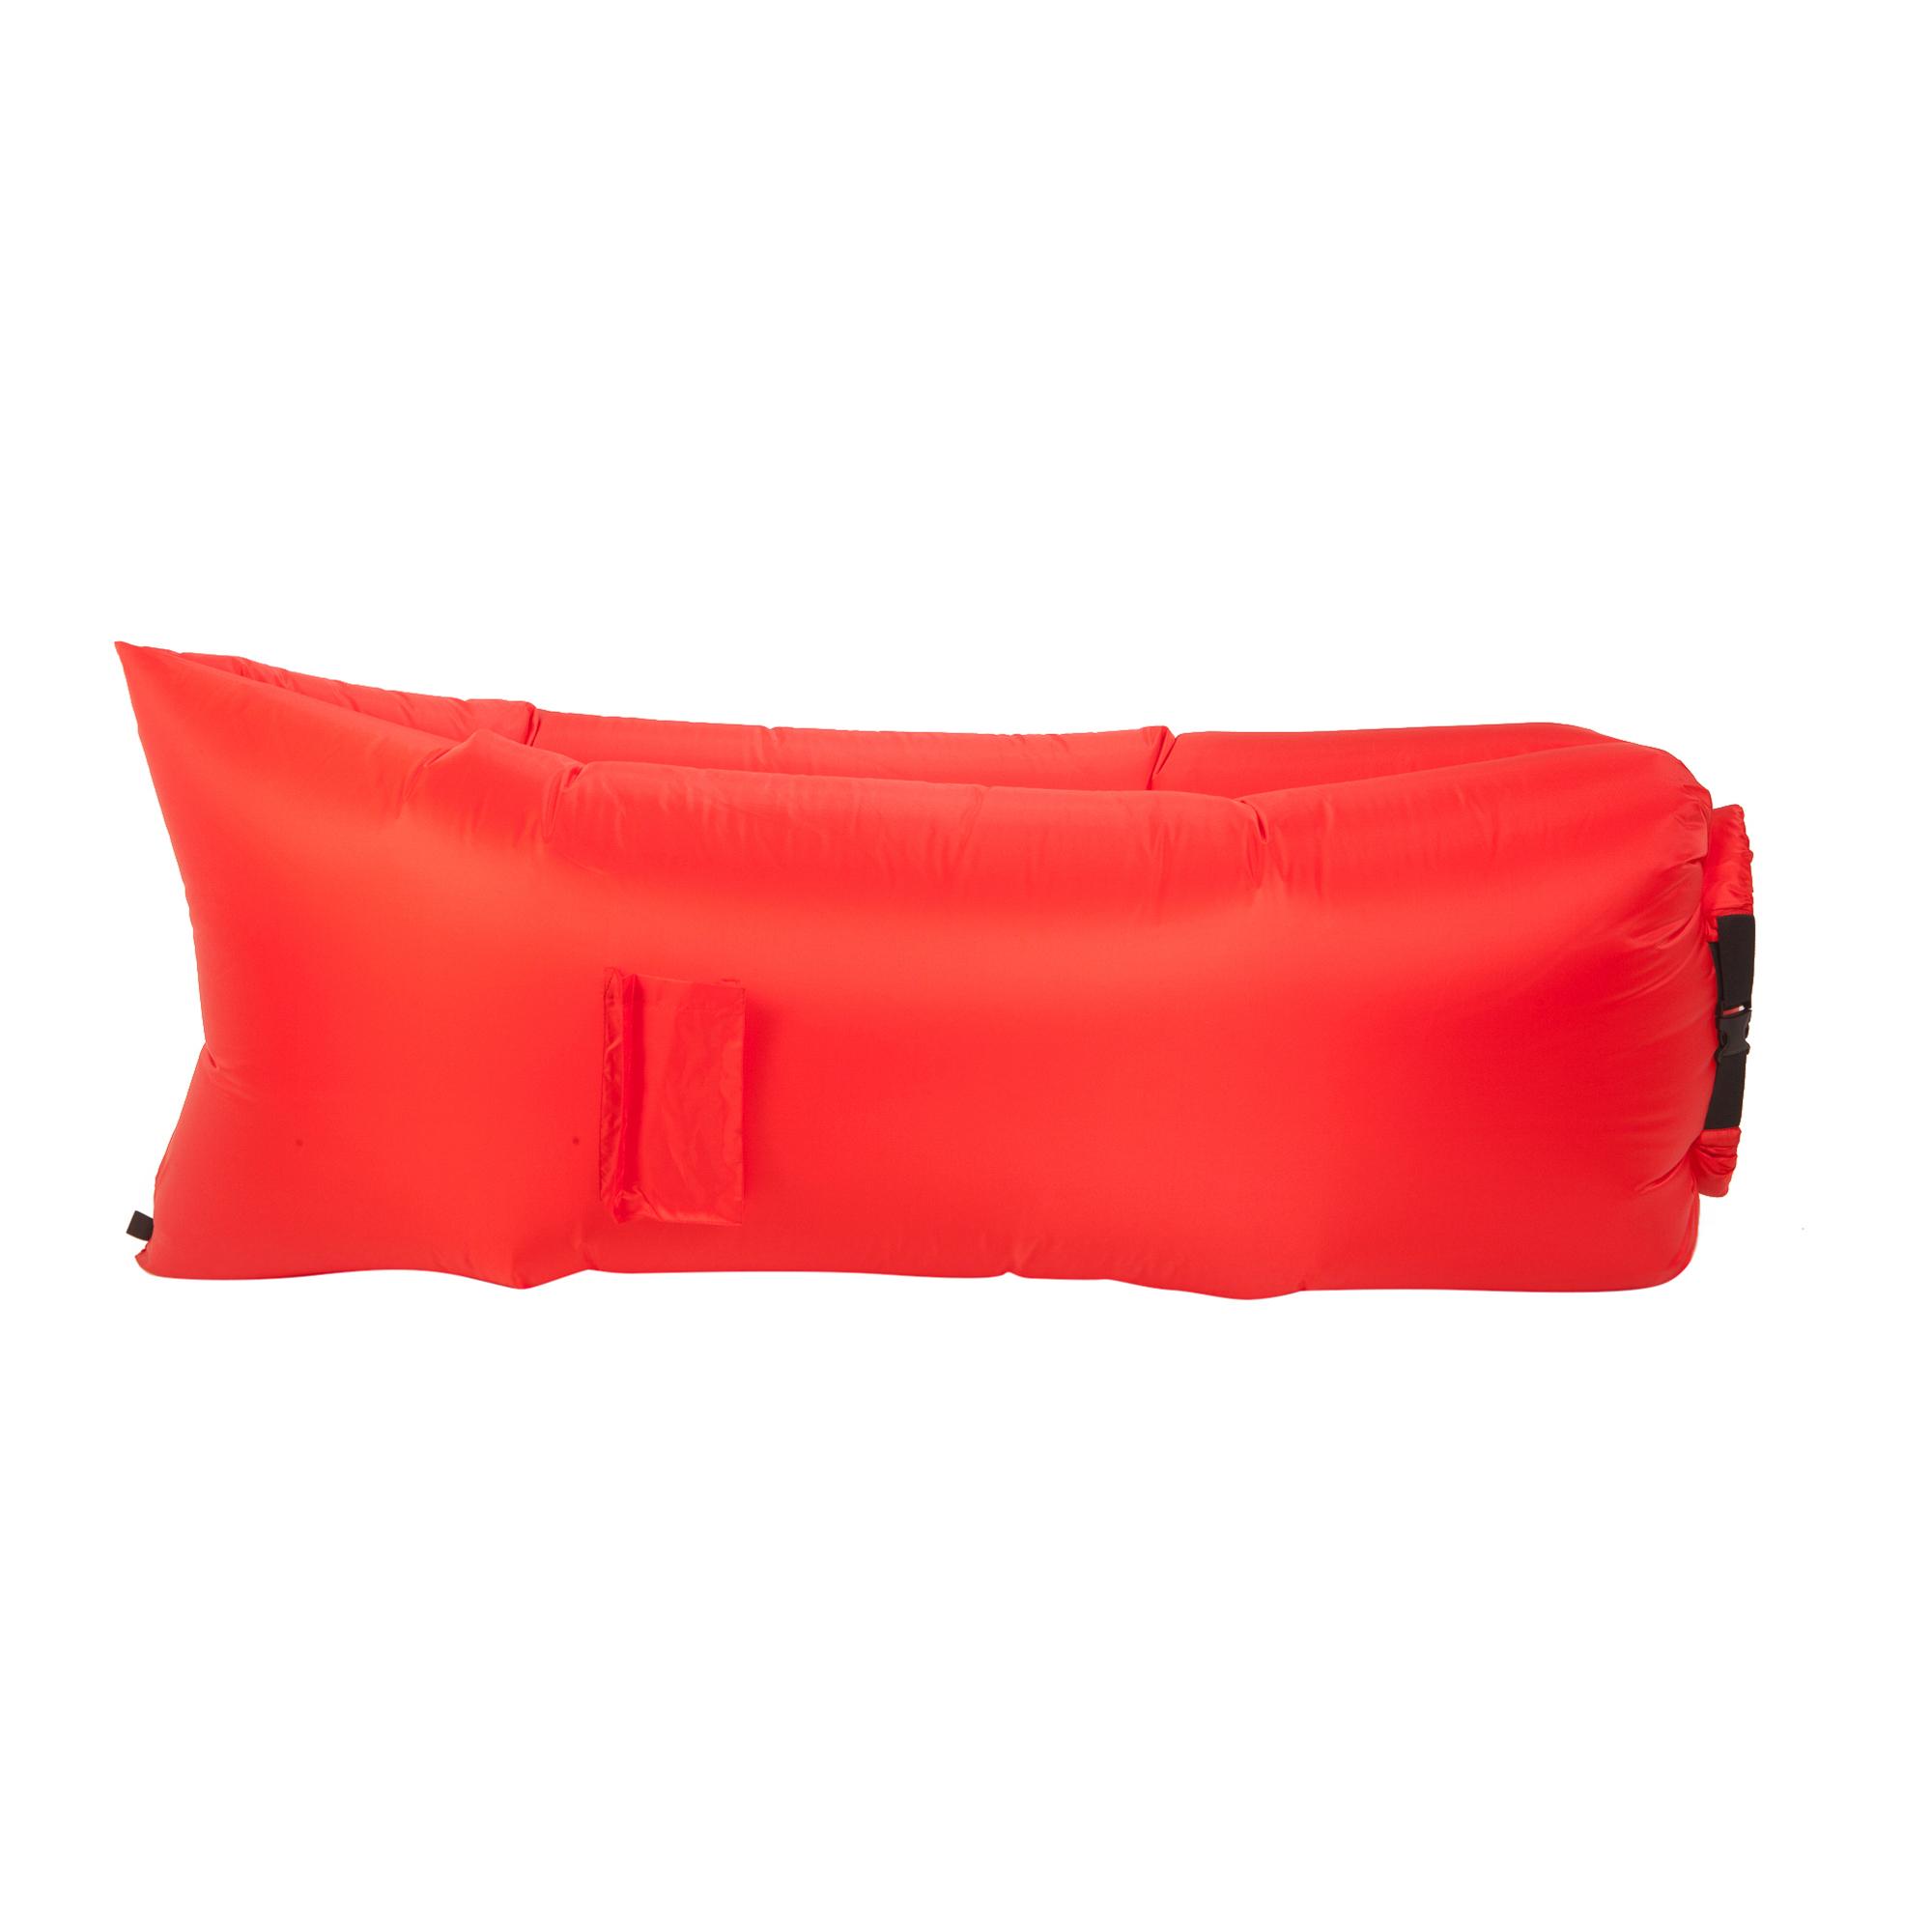 Надувной лежак Aerodivan красный (НЛ109)